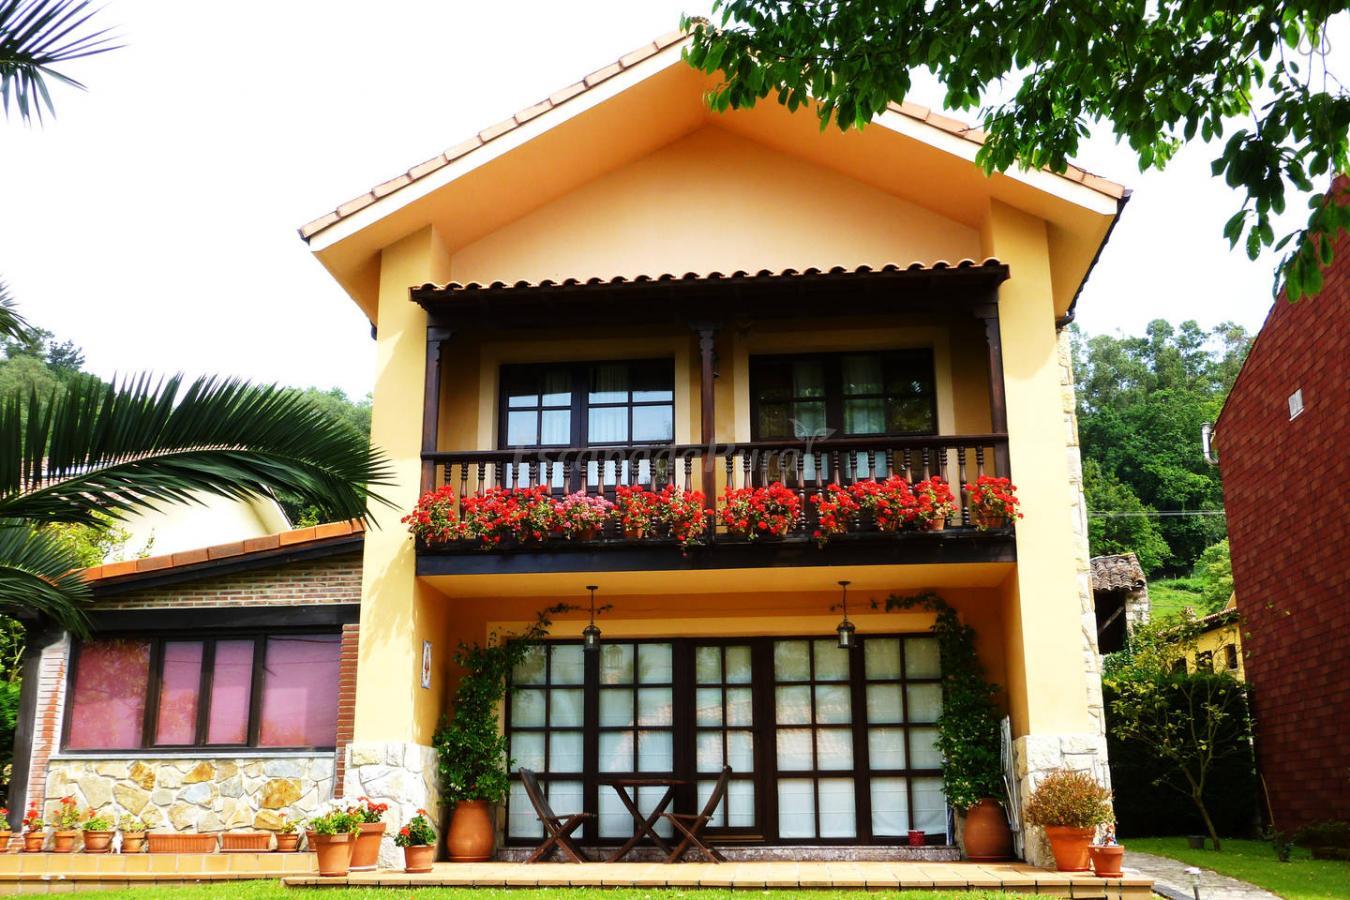 Fotos de las endrinas casa de campo em llanes asturias - Casa de campo asturias ...